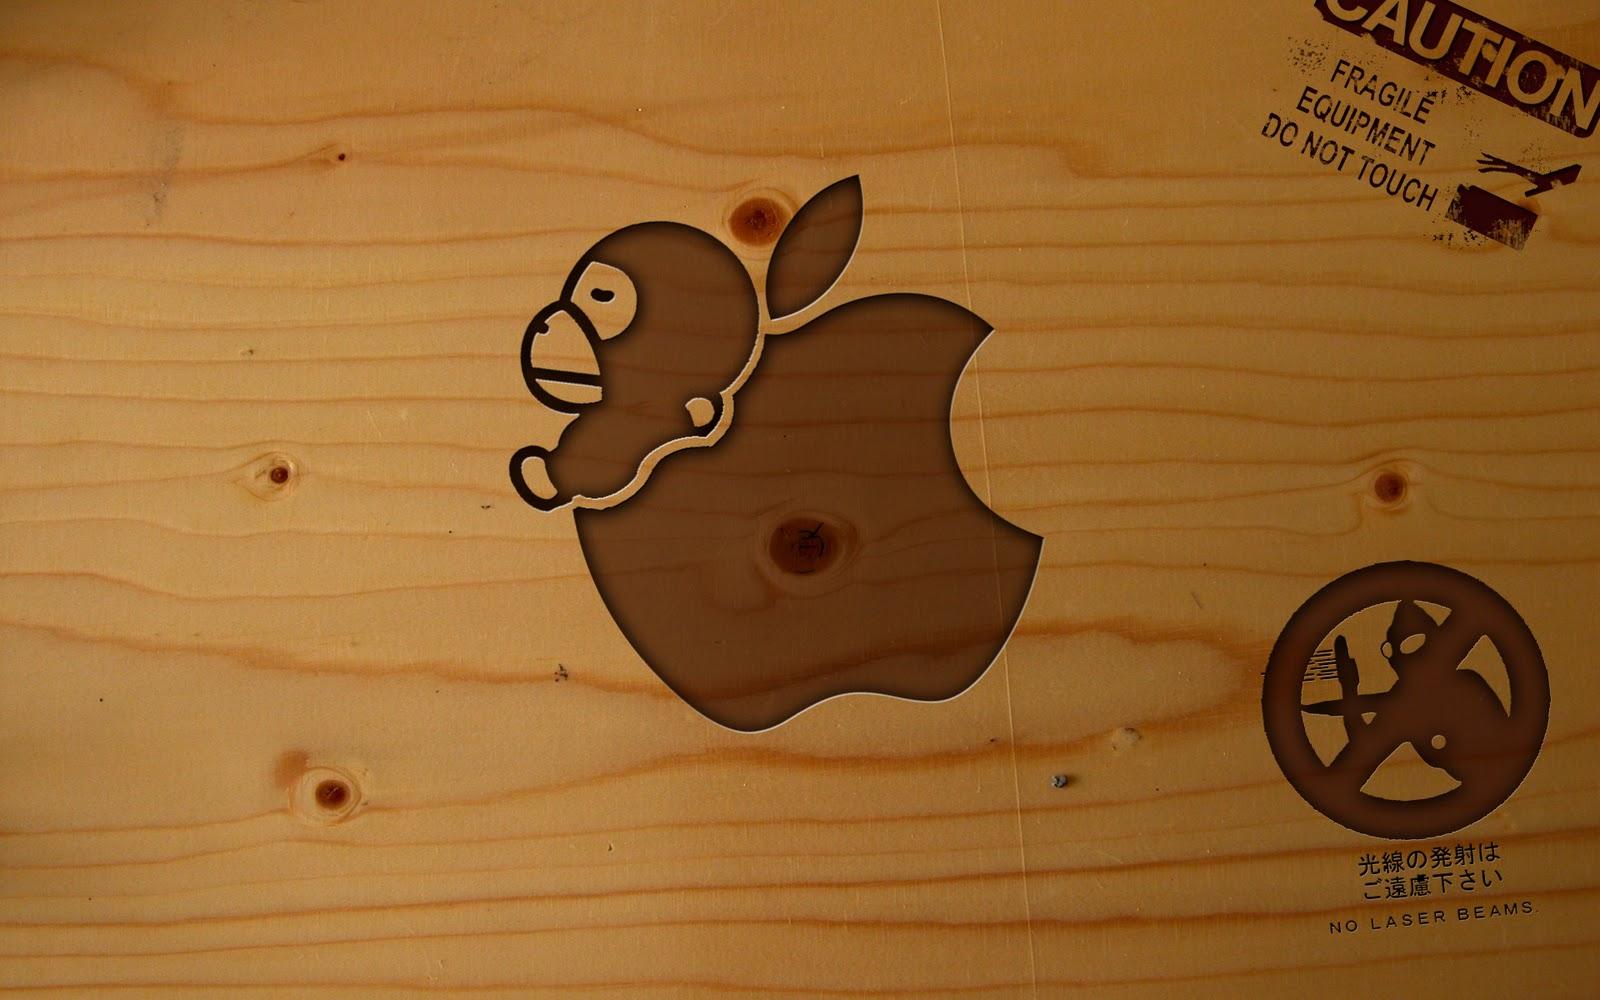 houten achtergronden hd - photo #31